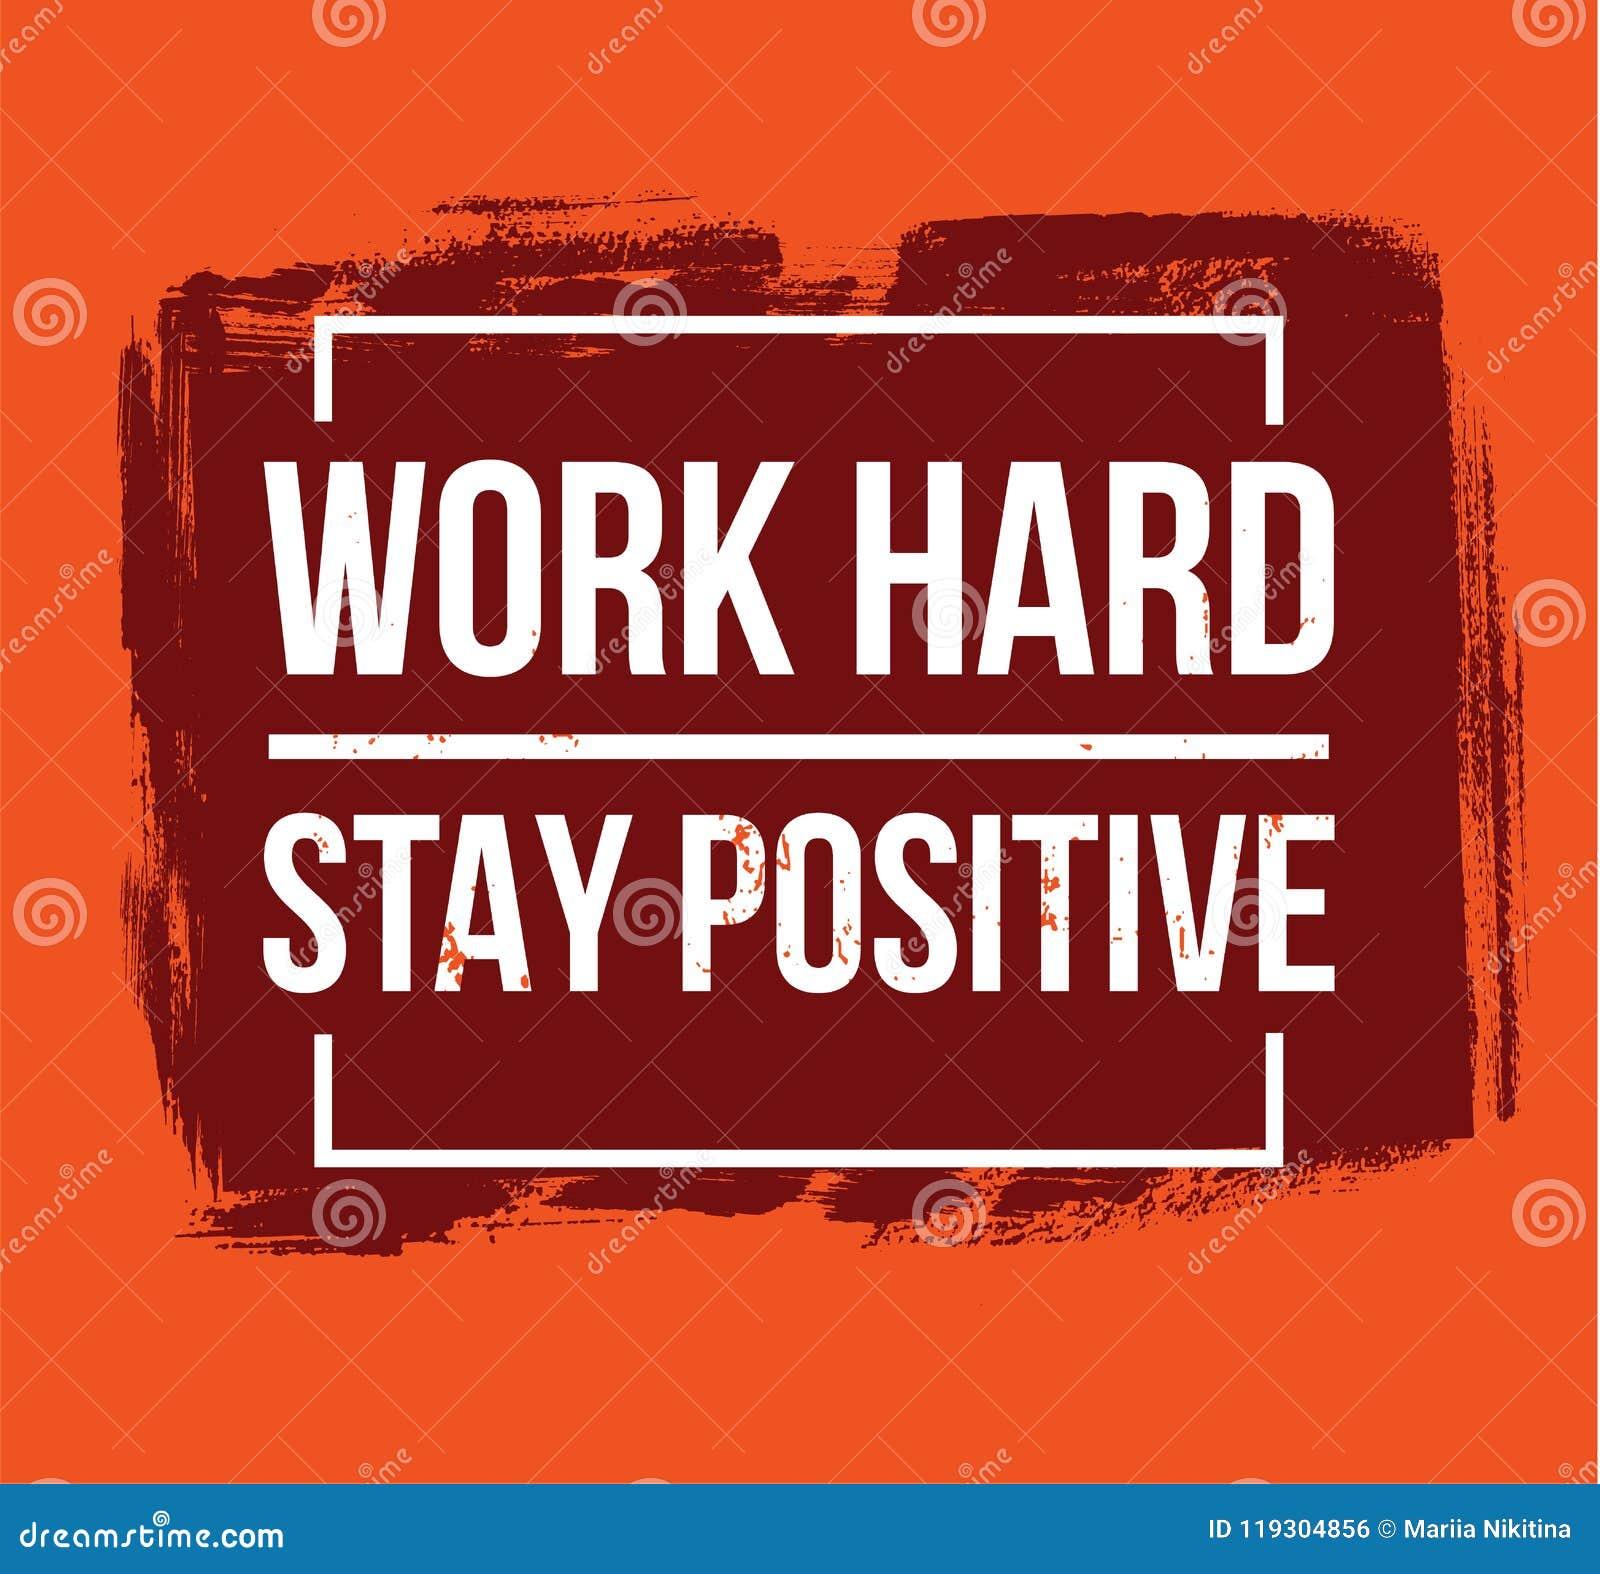 Hard Work Team Quotes: Citas De Motivación Positivas De La Estancia Dura Del